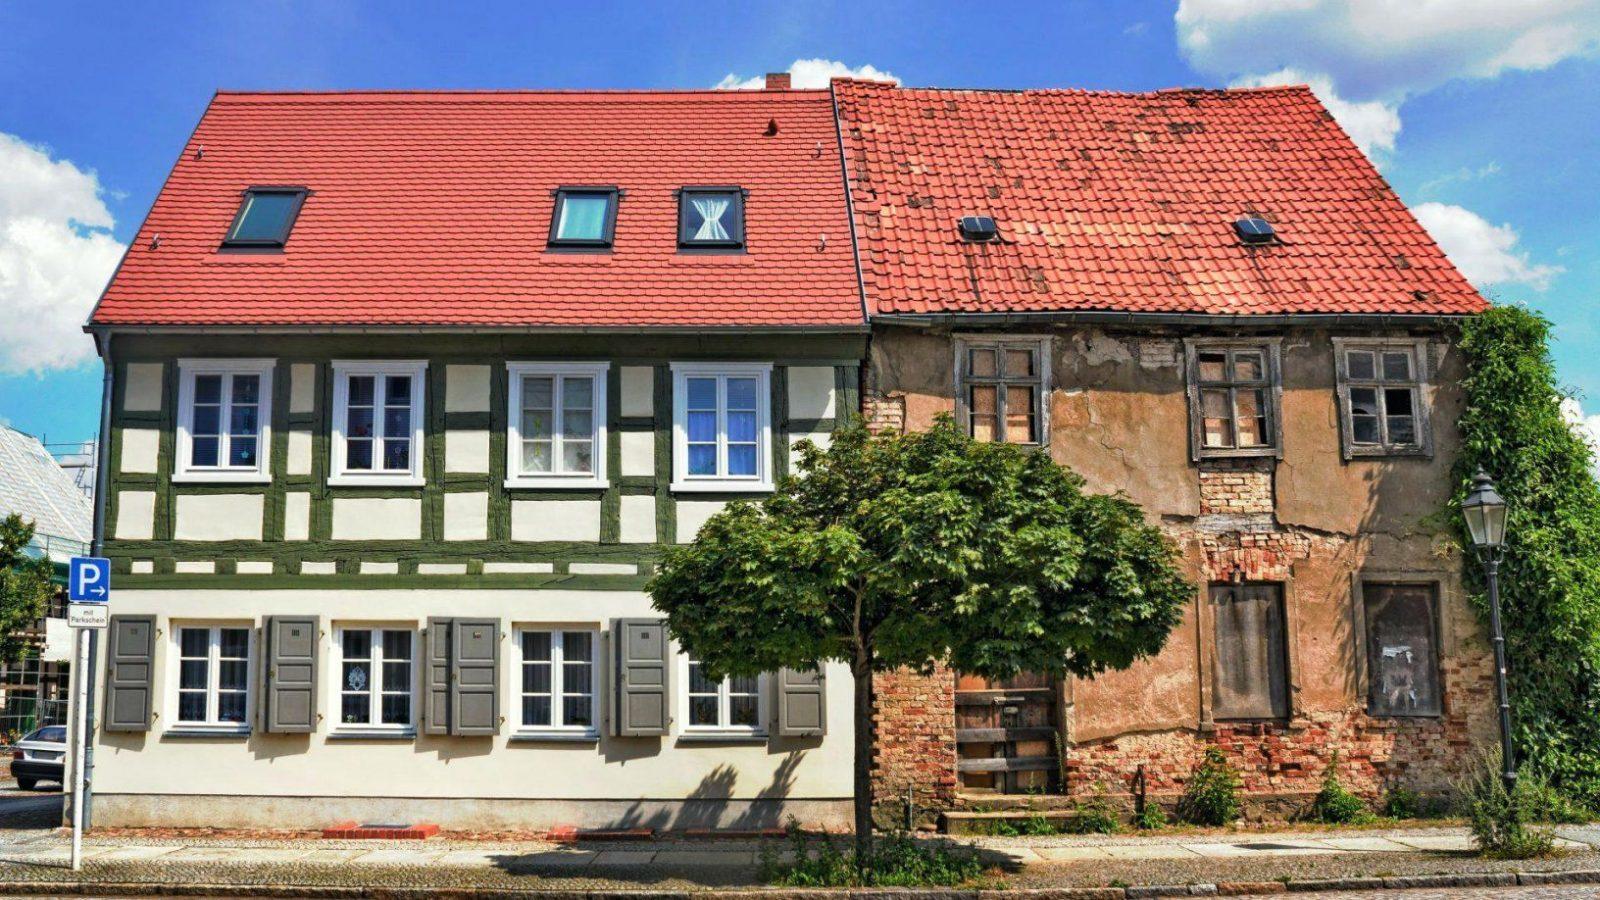 Fassade Kosten Wunderbar Luxus Am Haus Reinigen Und Streichen von Fassade Verputzen Und Streichen Kosten Bild